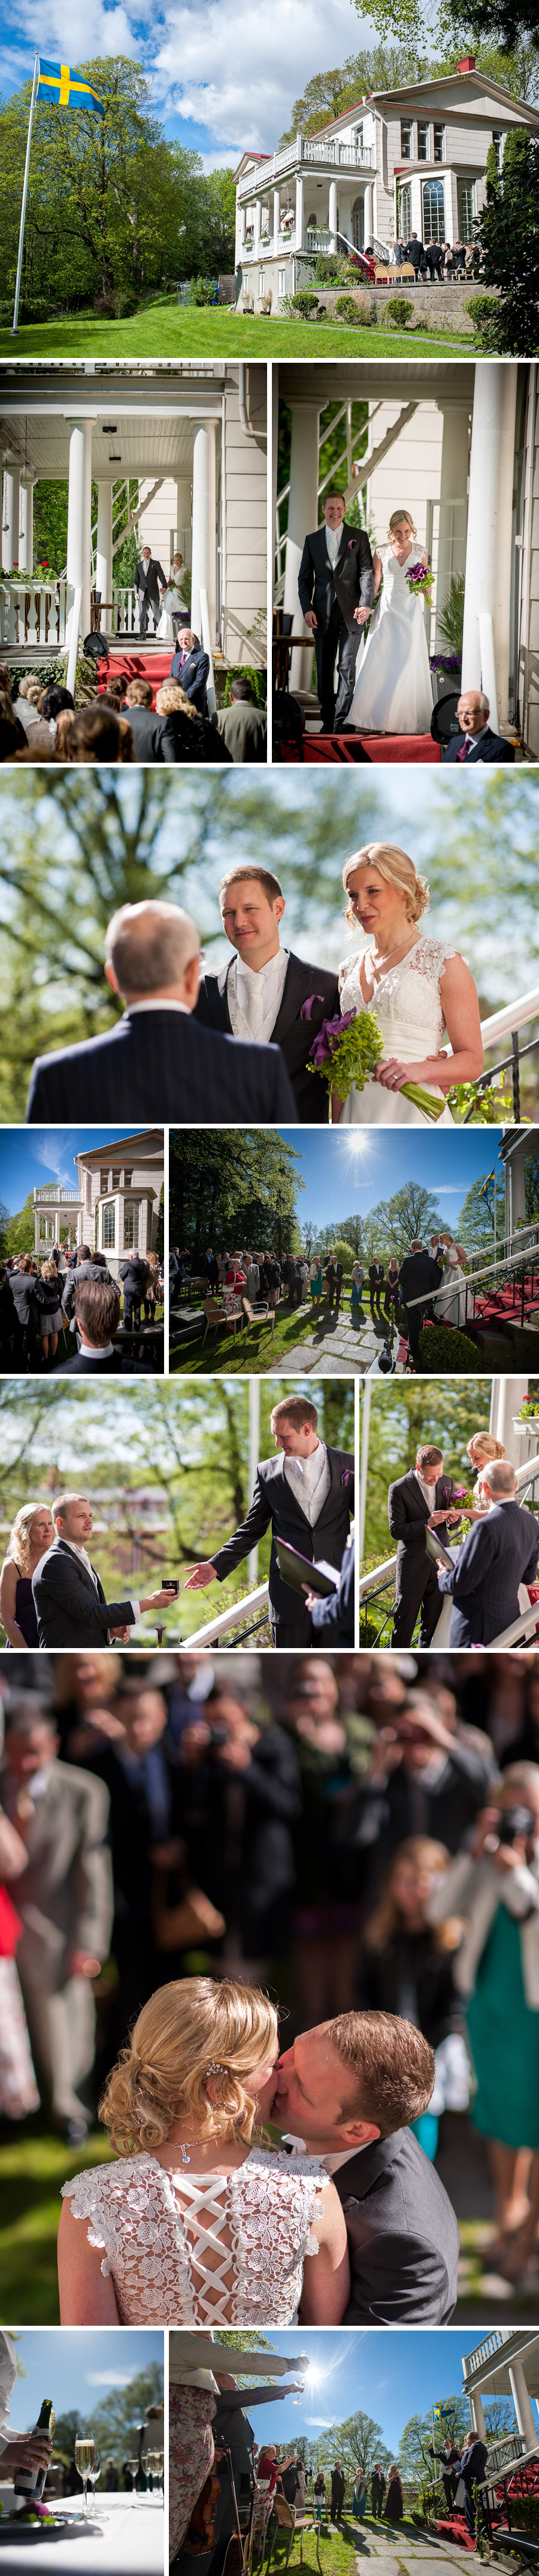 Bröllopsfotograf Göteborg - Villa Odinslund Bröllopsbilder Vigsel